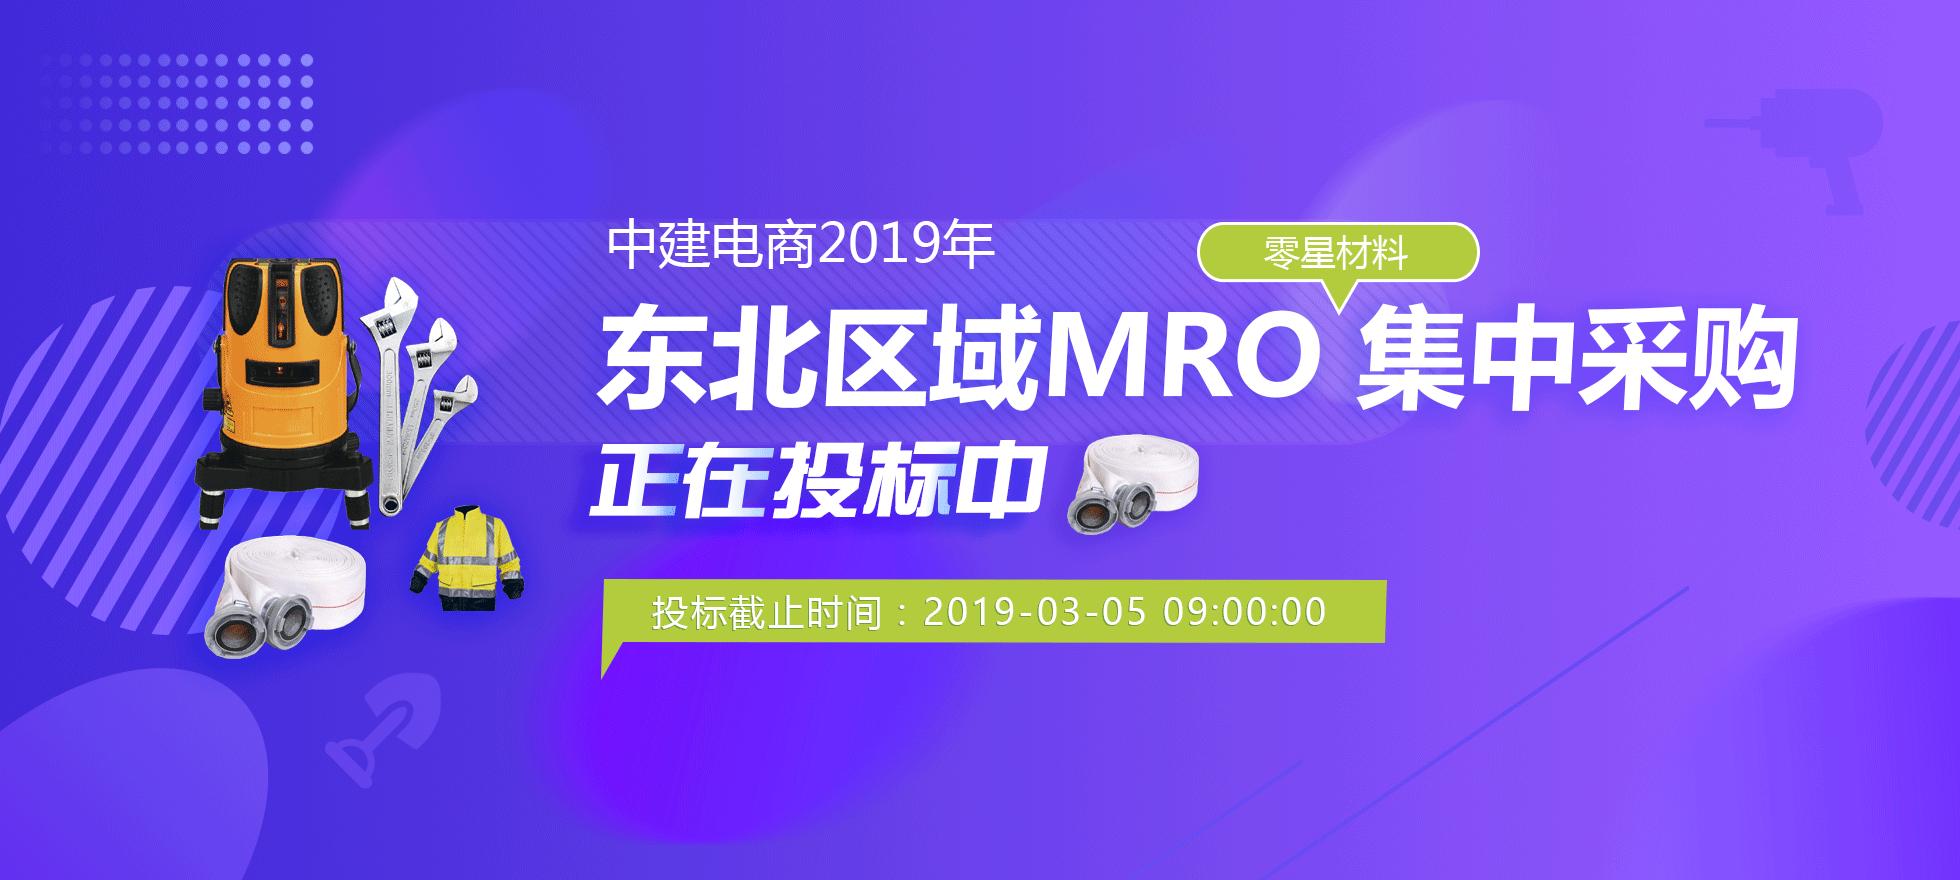 中建电商2019年东北区域MRO零星材料集中采购正在投标中